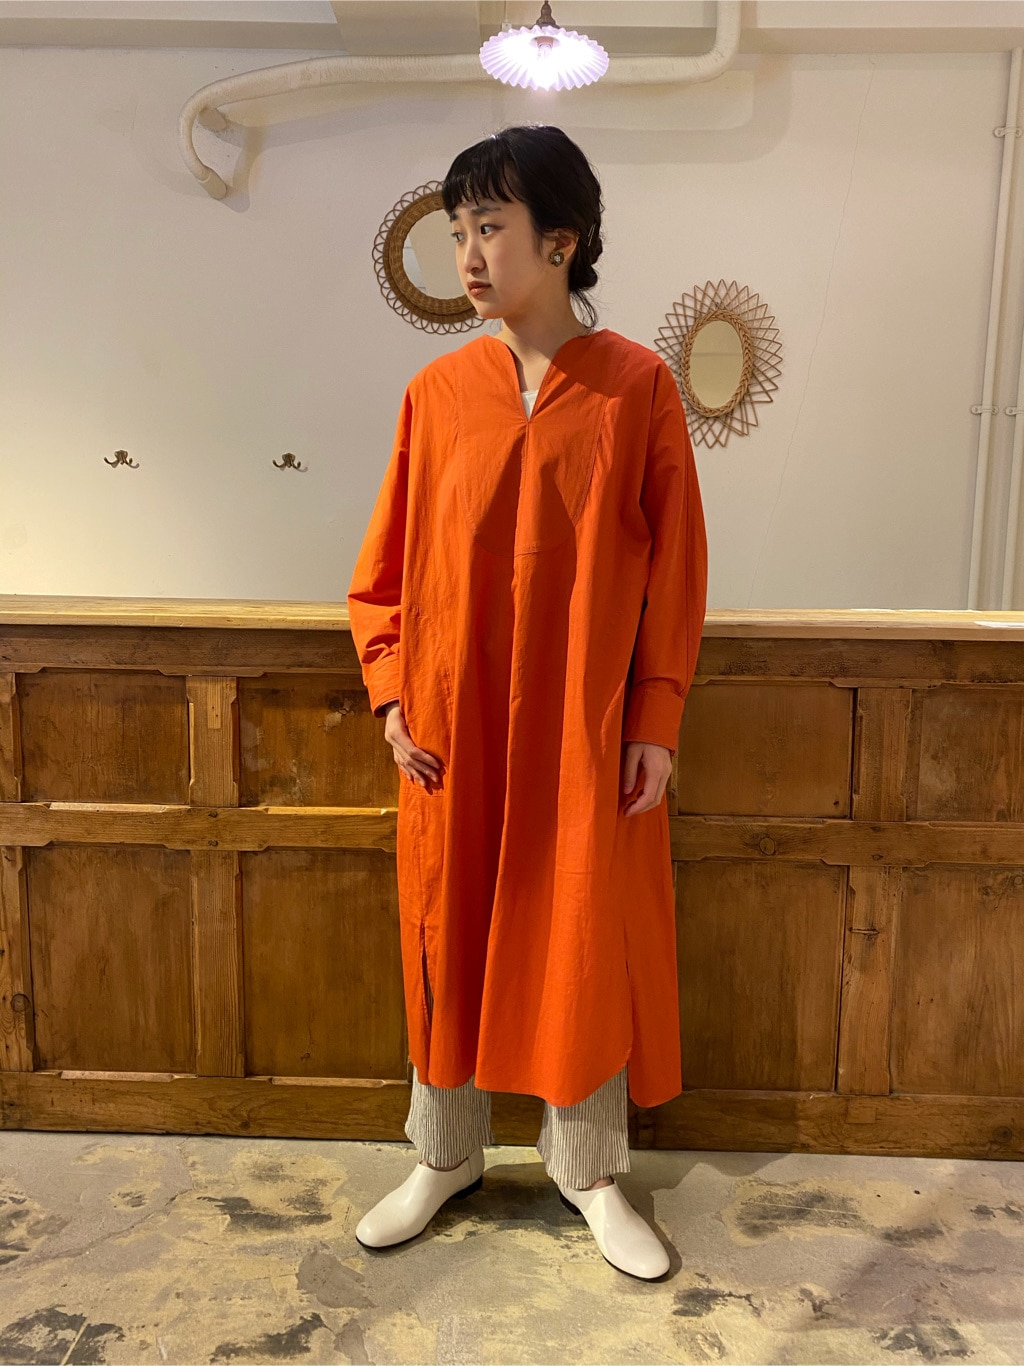 yuni 代々木上原路面 身長:153cm 2021.03.30